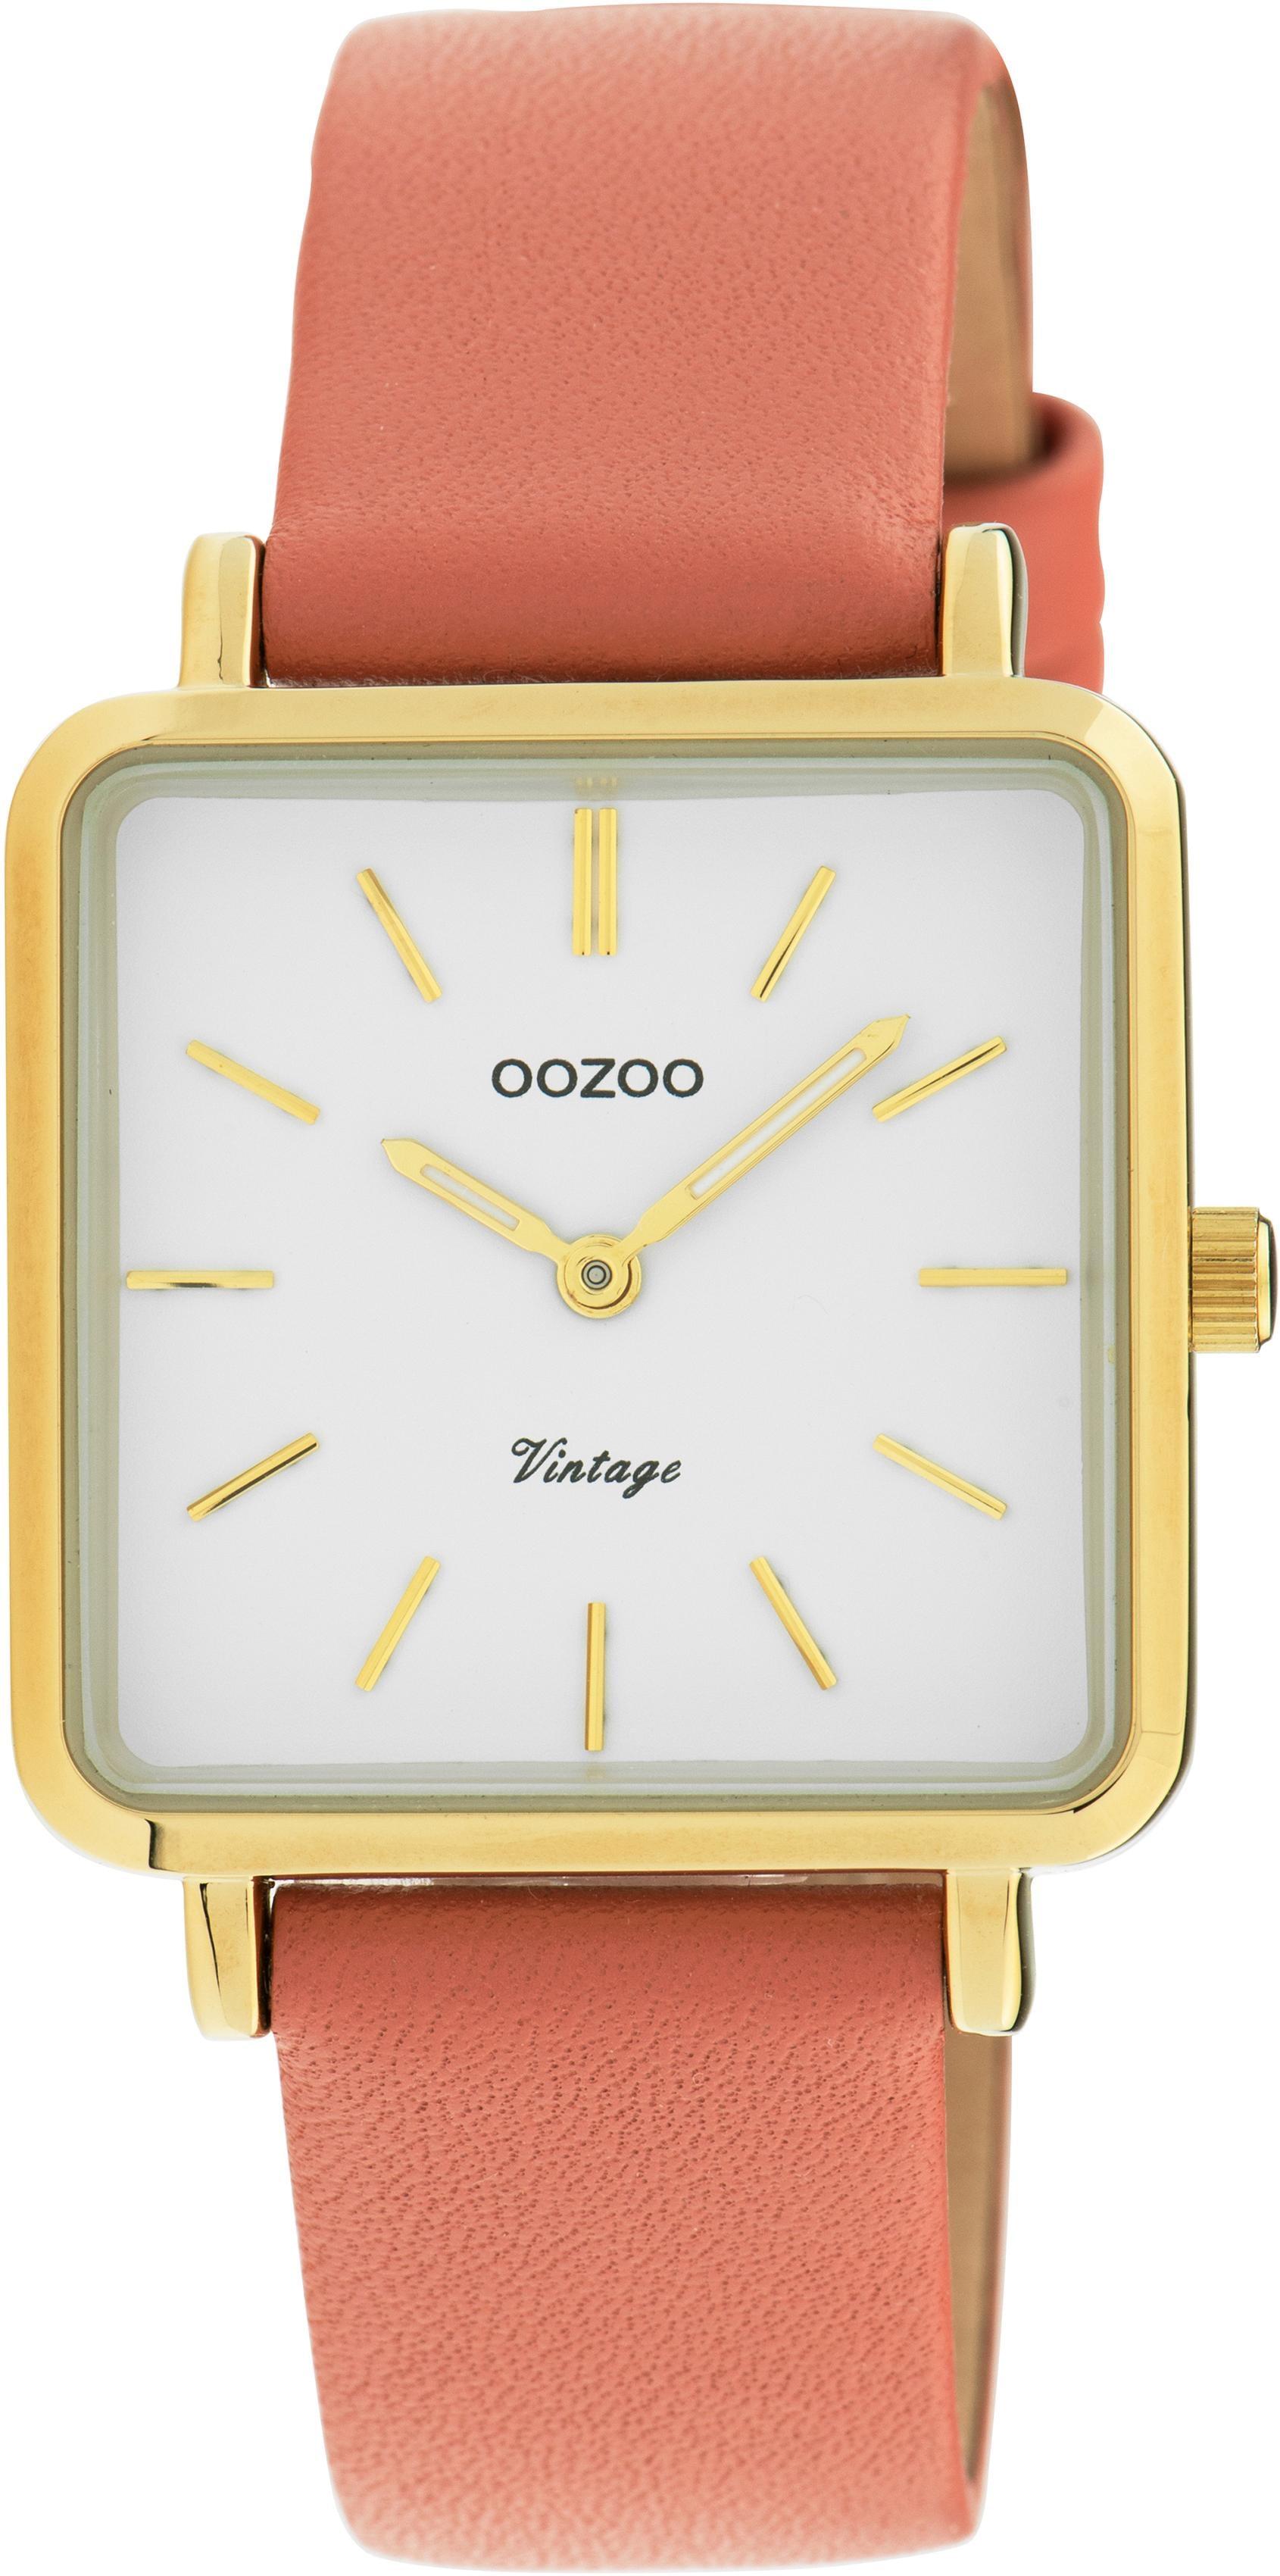 OOZOO Quarzuhr C9944 | Uhren > Quarzuhren | Rosa | Oozoo